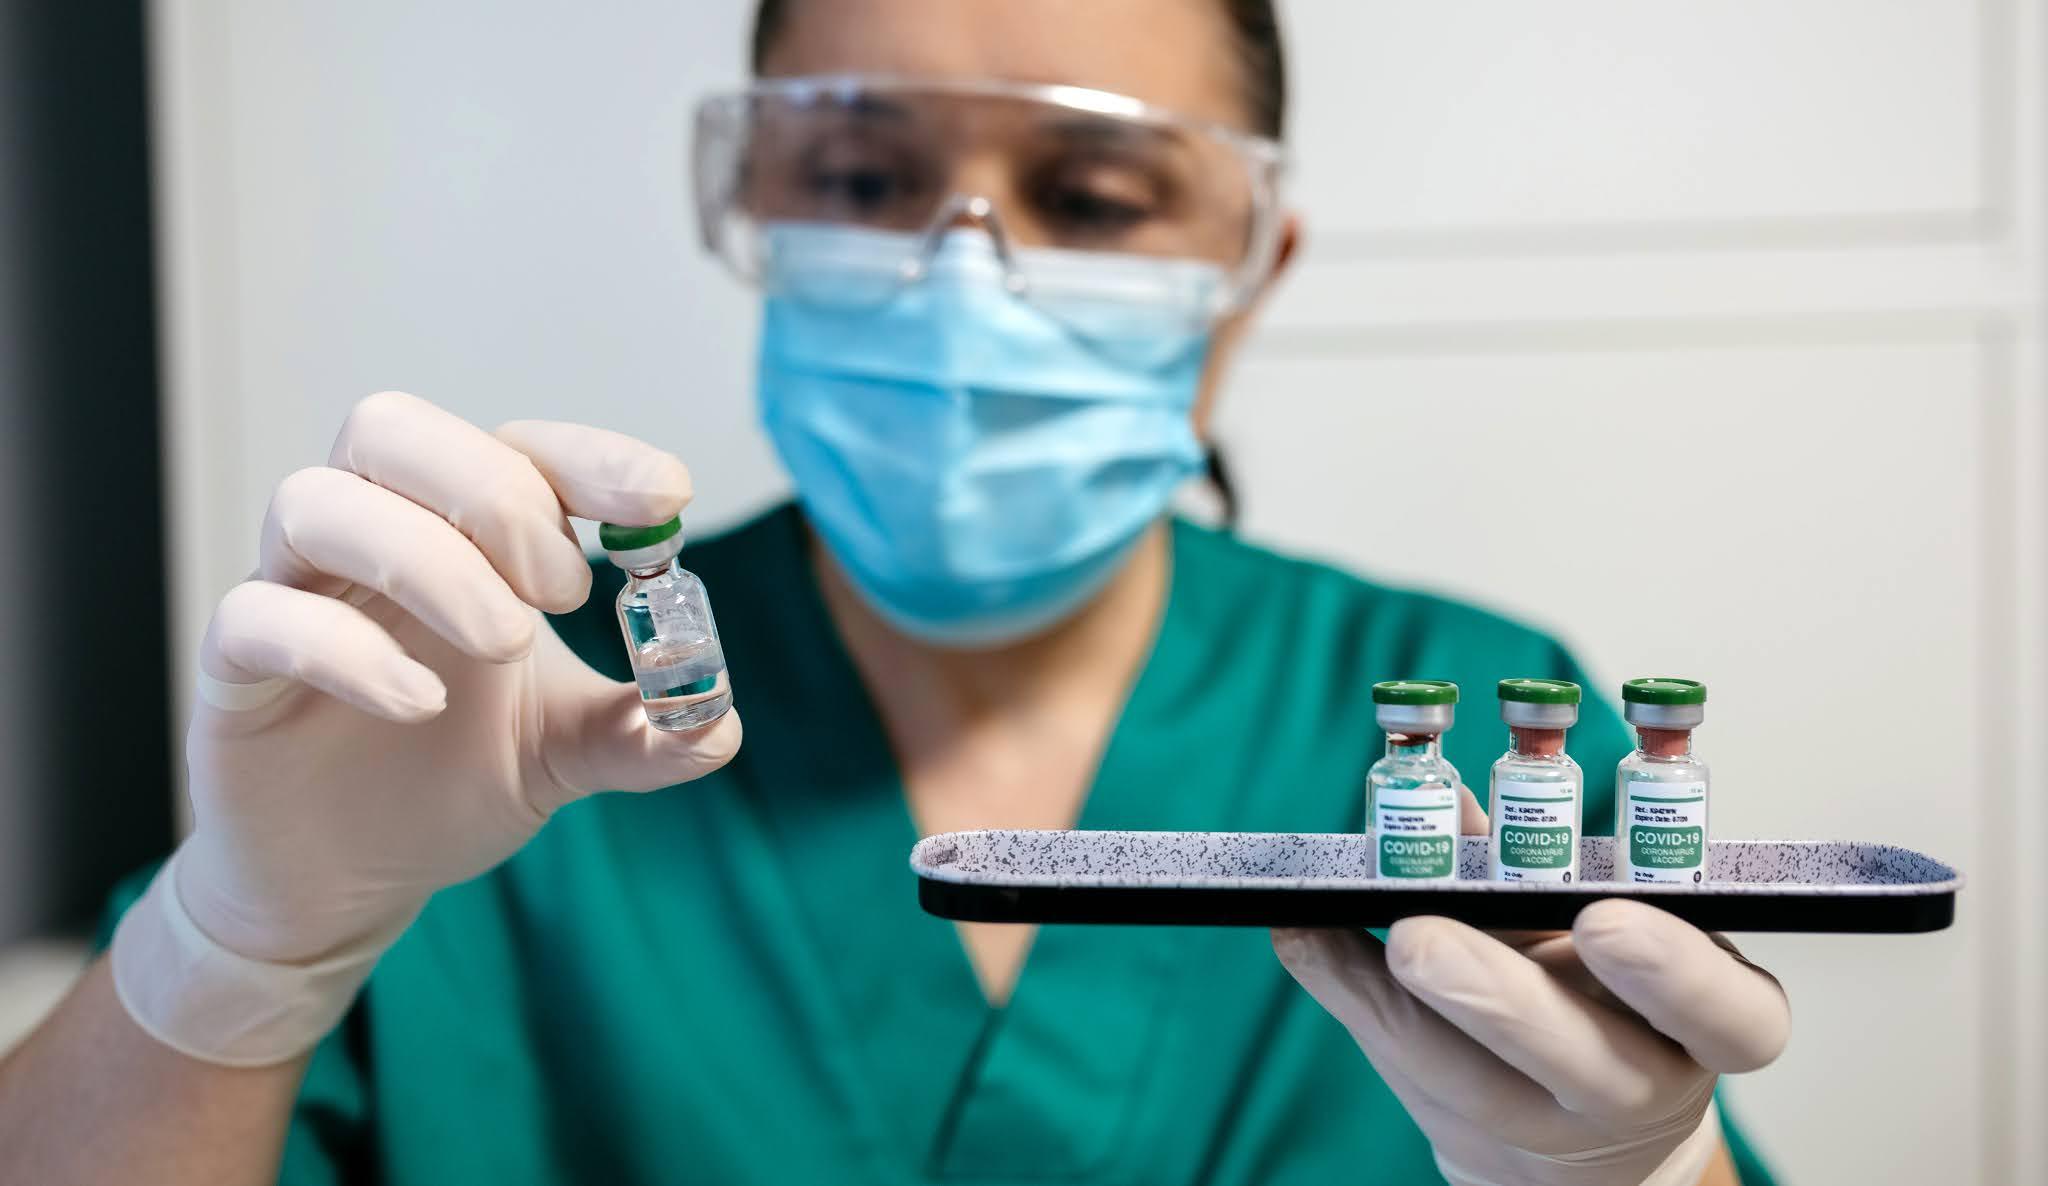 منظومة صحية قوية في الإمارات UAE خاصة في تطعيم سكانها